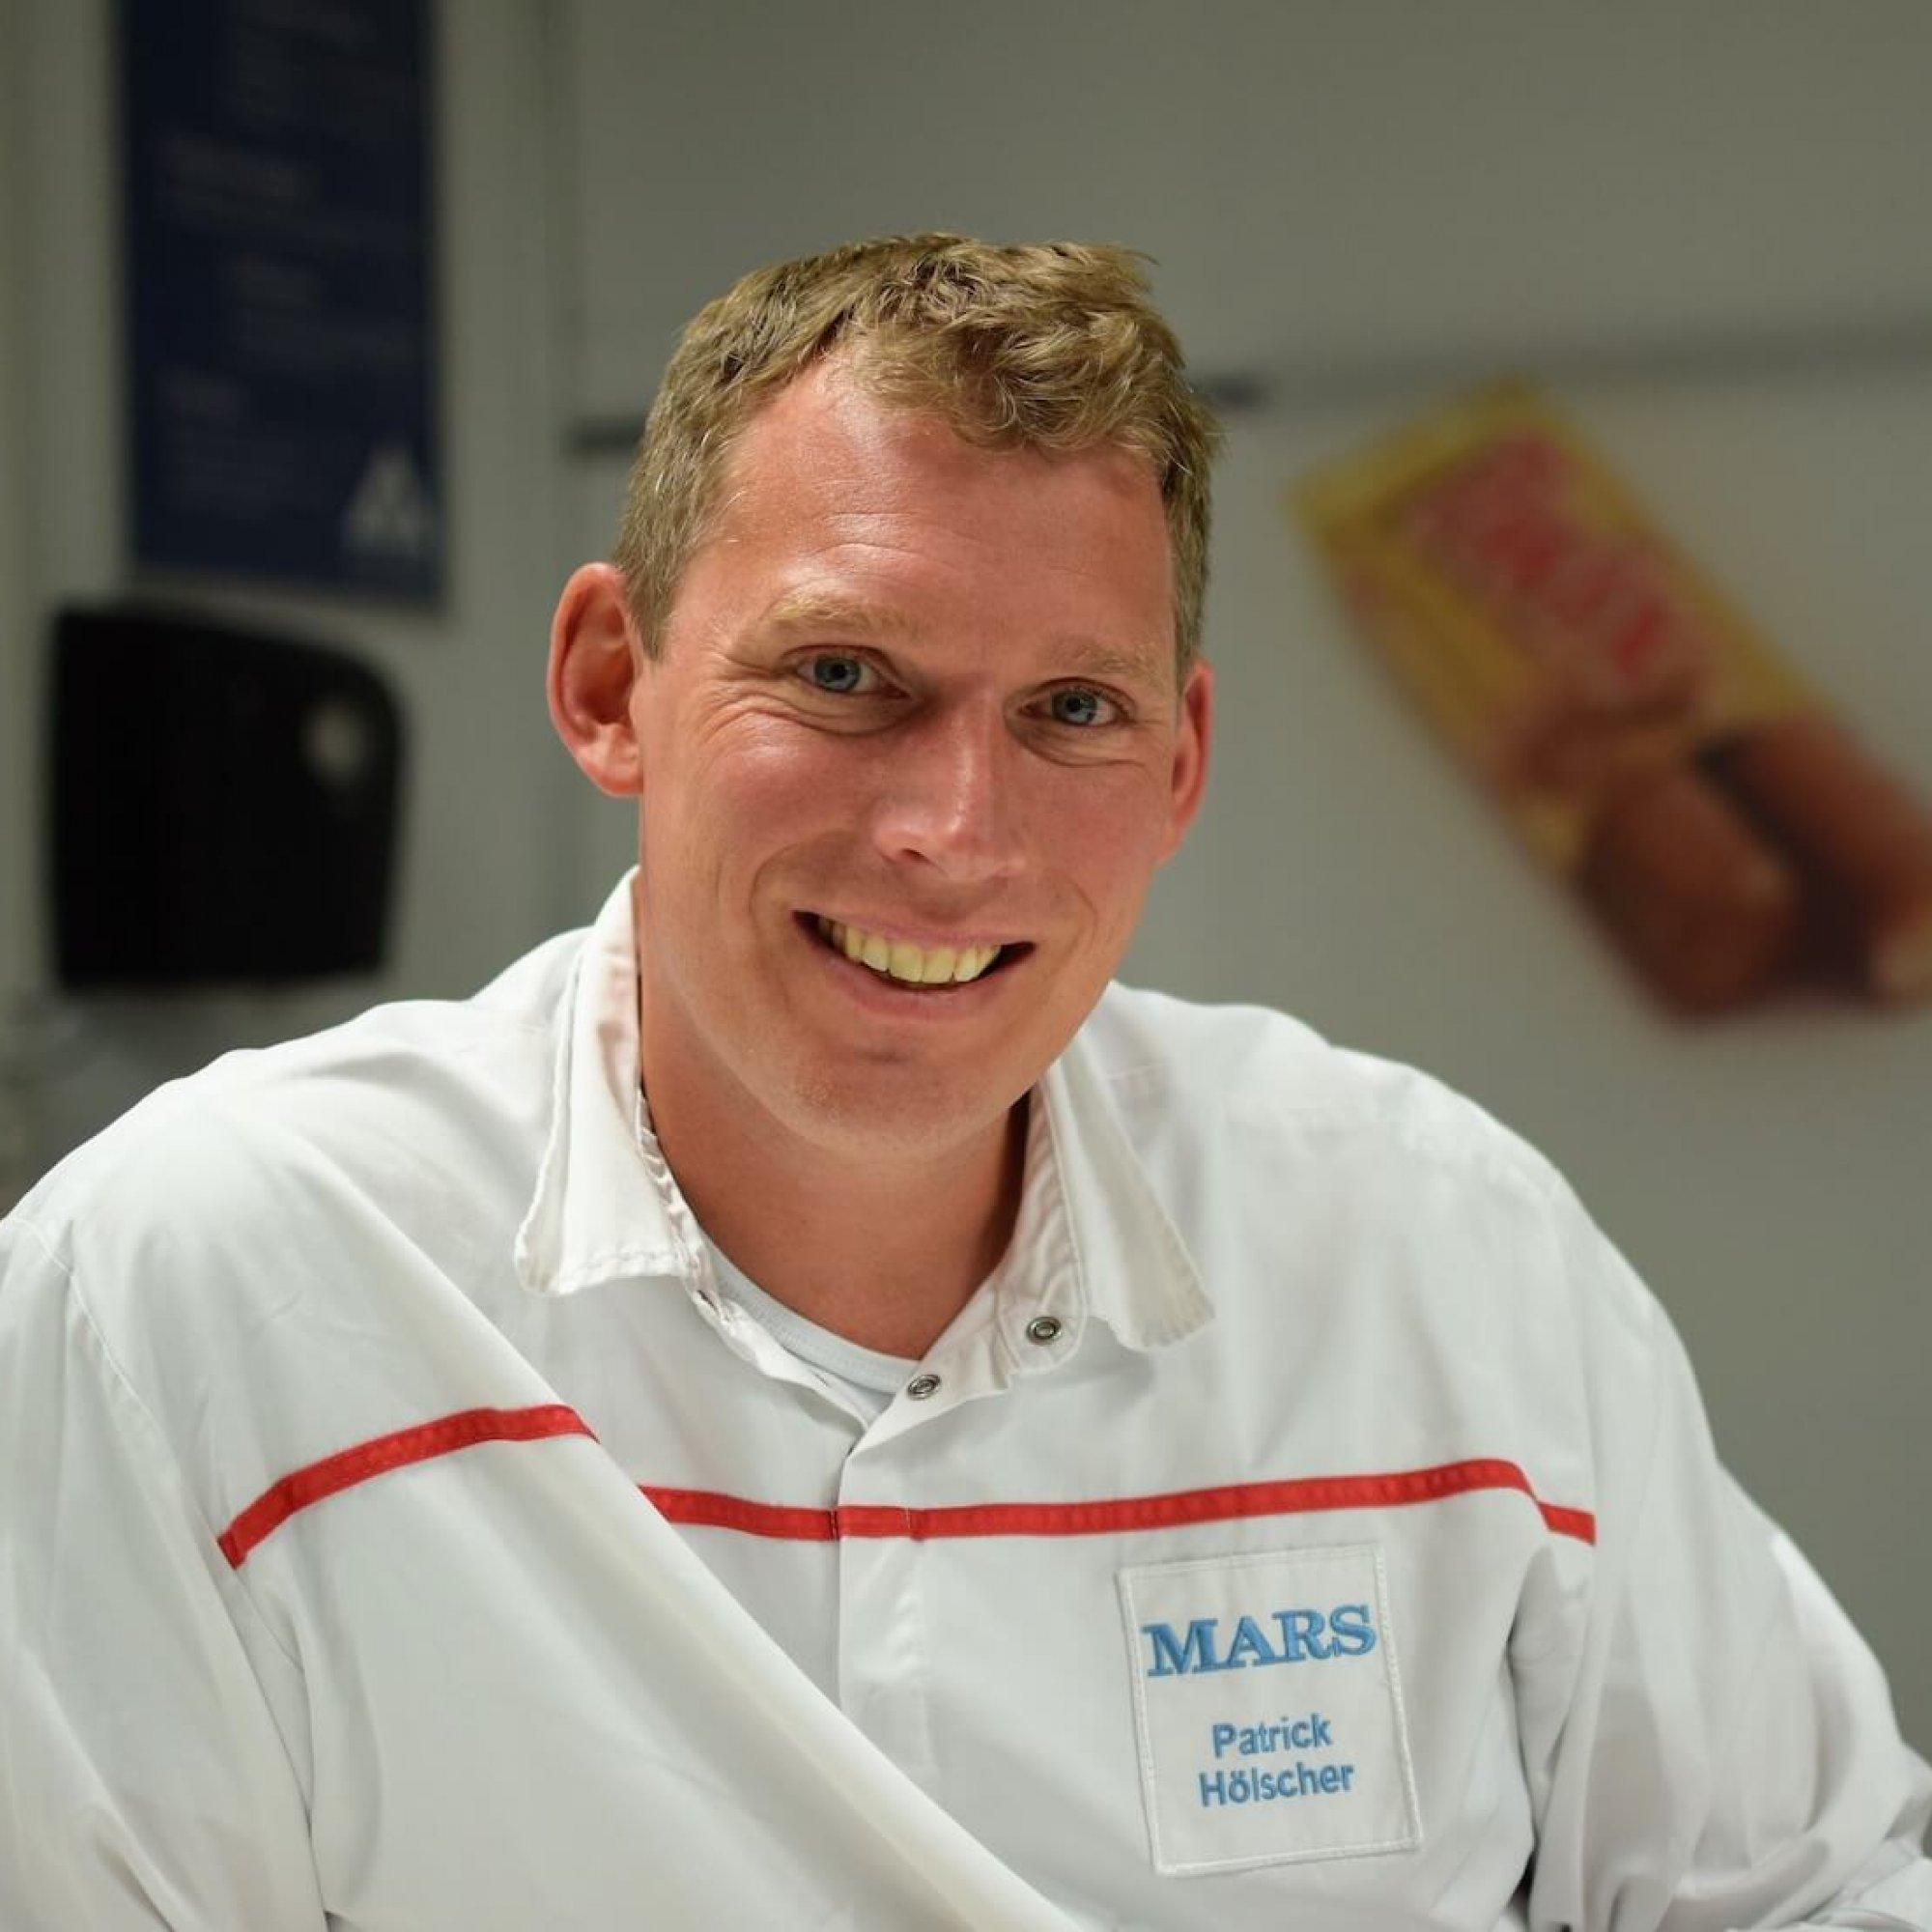 Mars Viersen Manager Patrick Hölscher